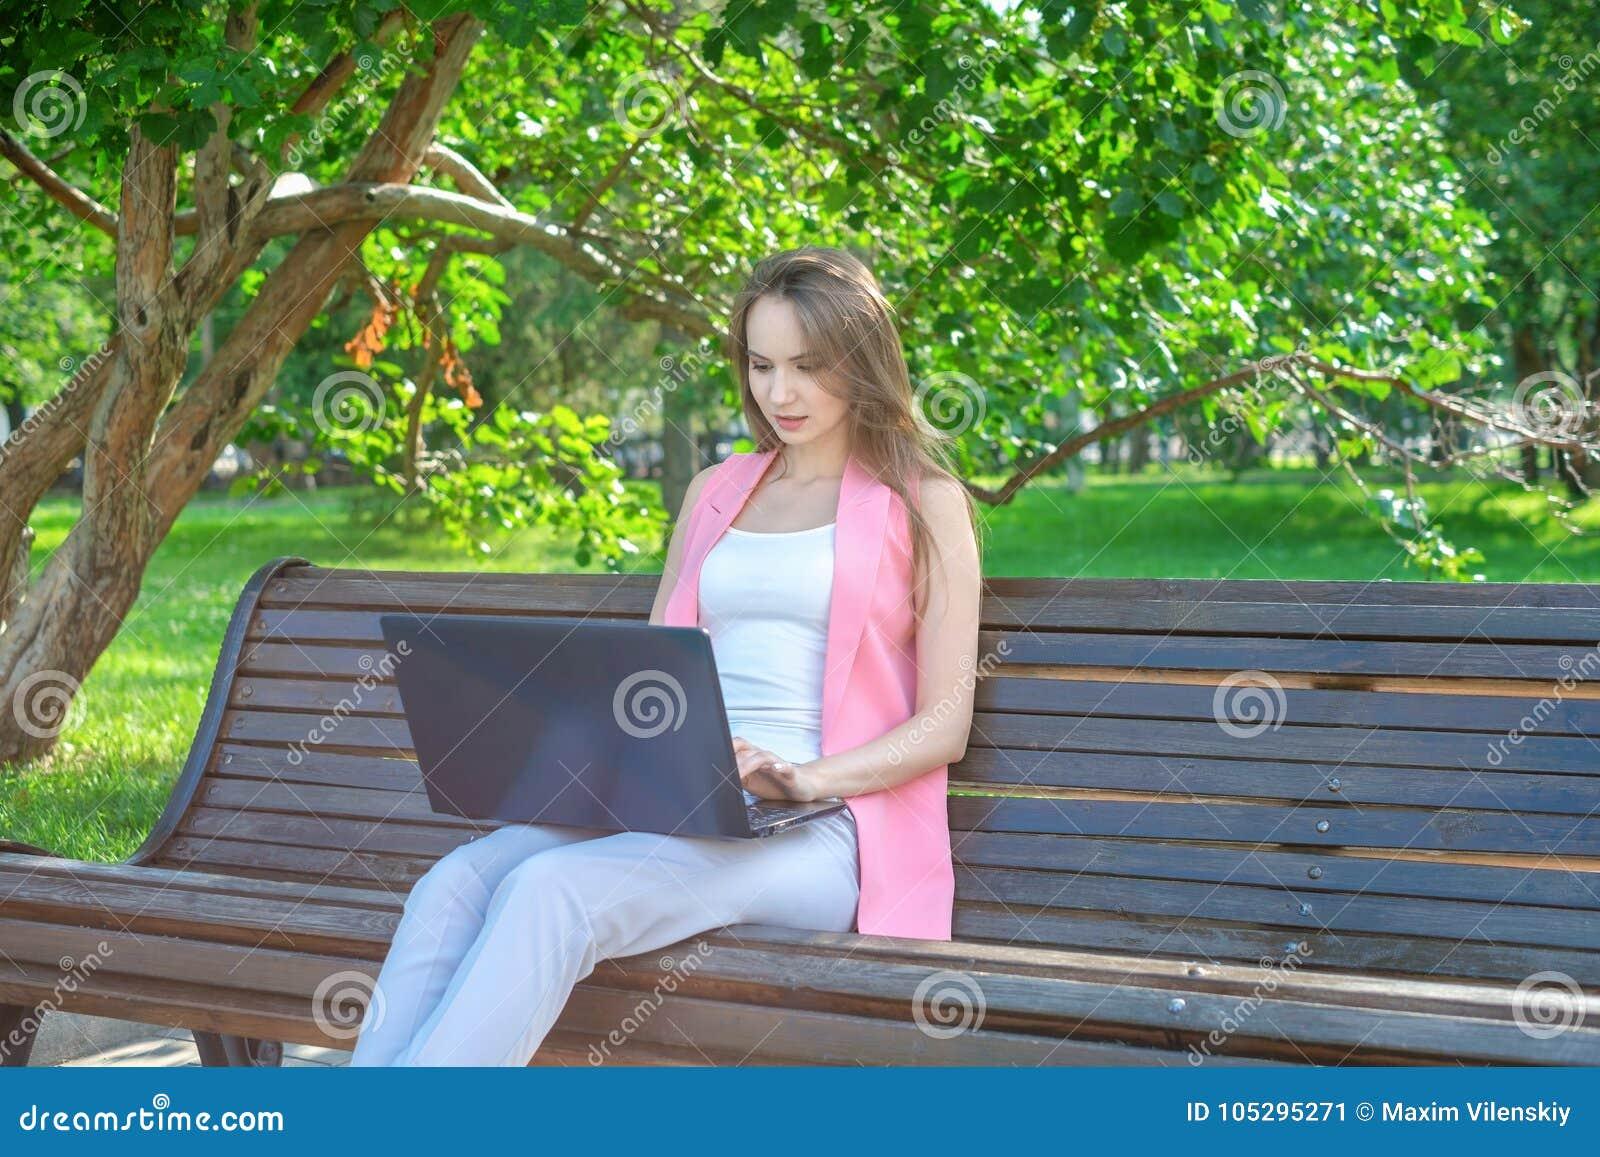 Härligt kvinnasammanträde på en parkerabänk genom att använda en bärbar dator